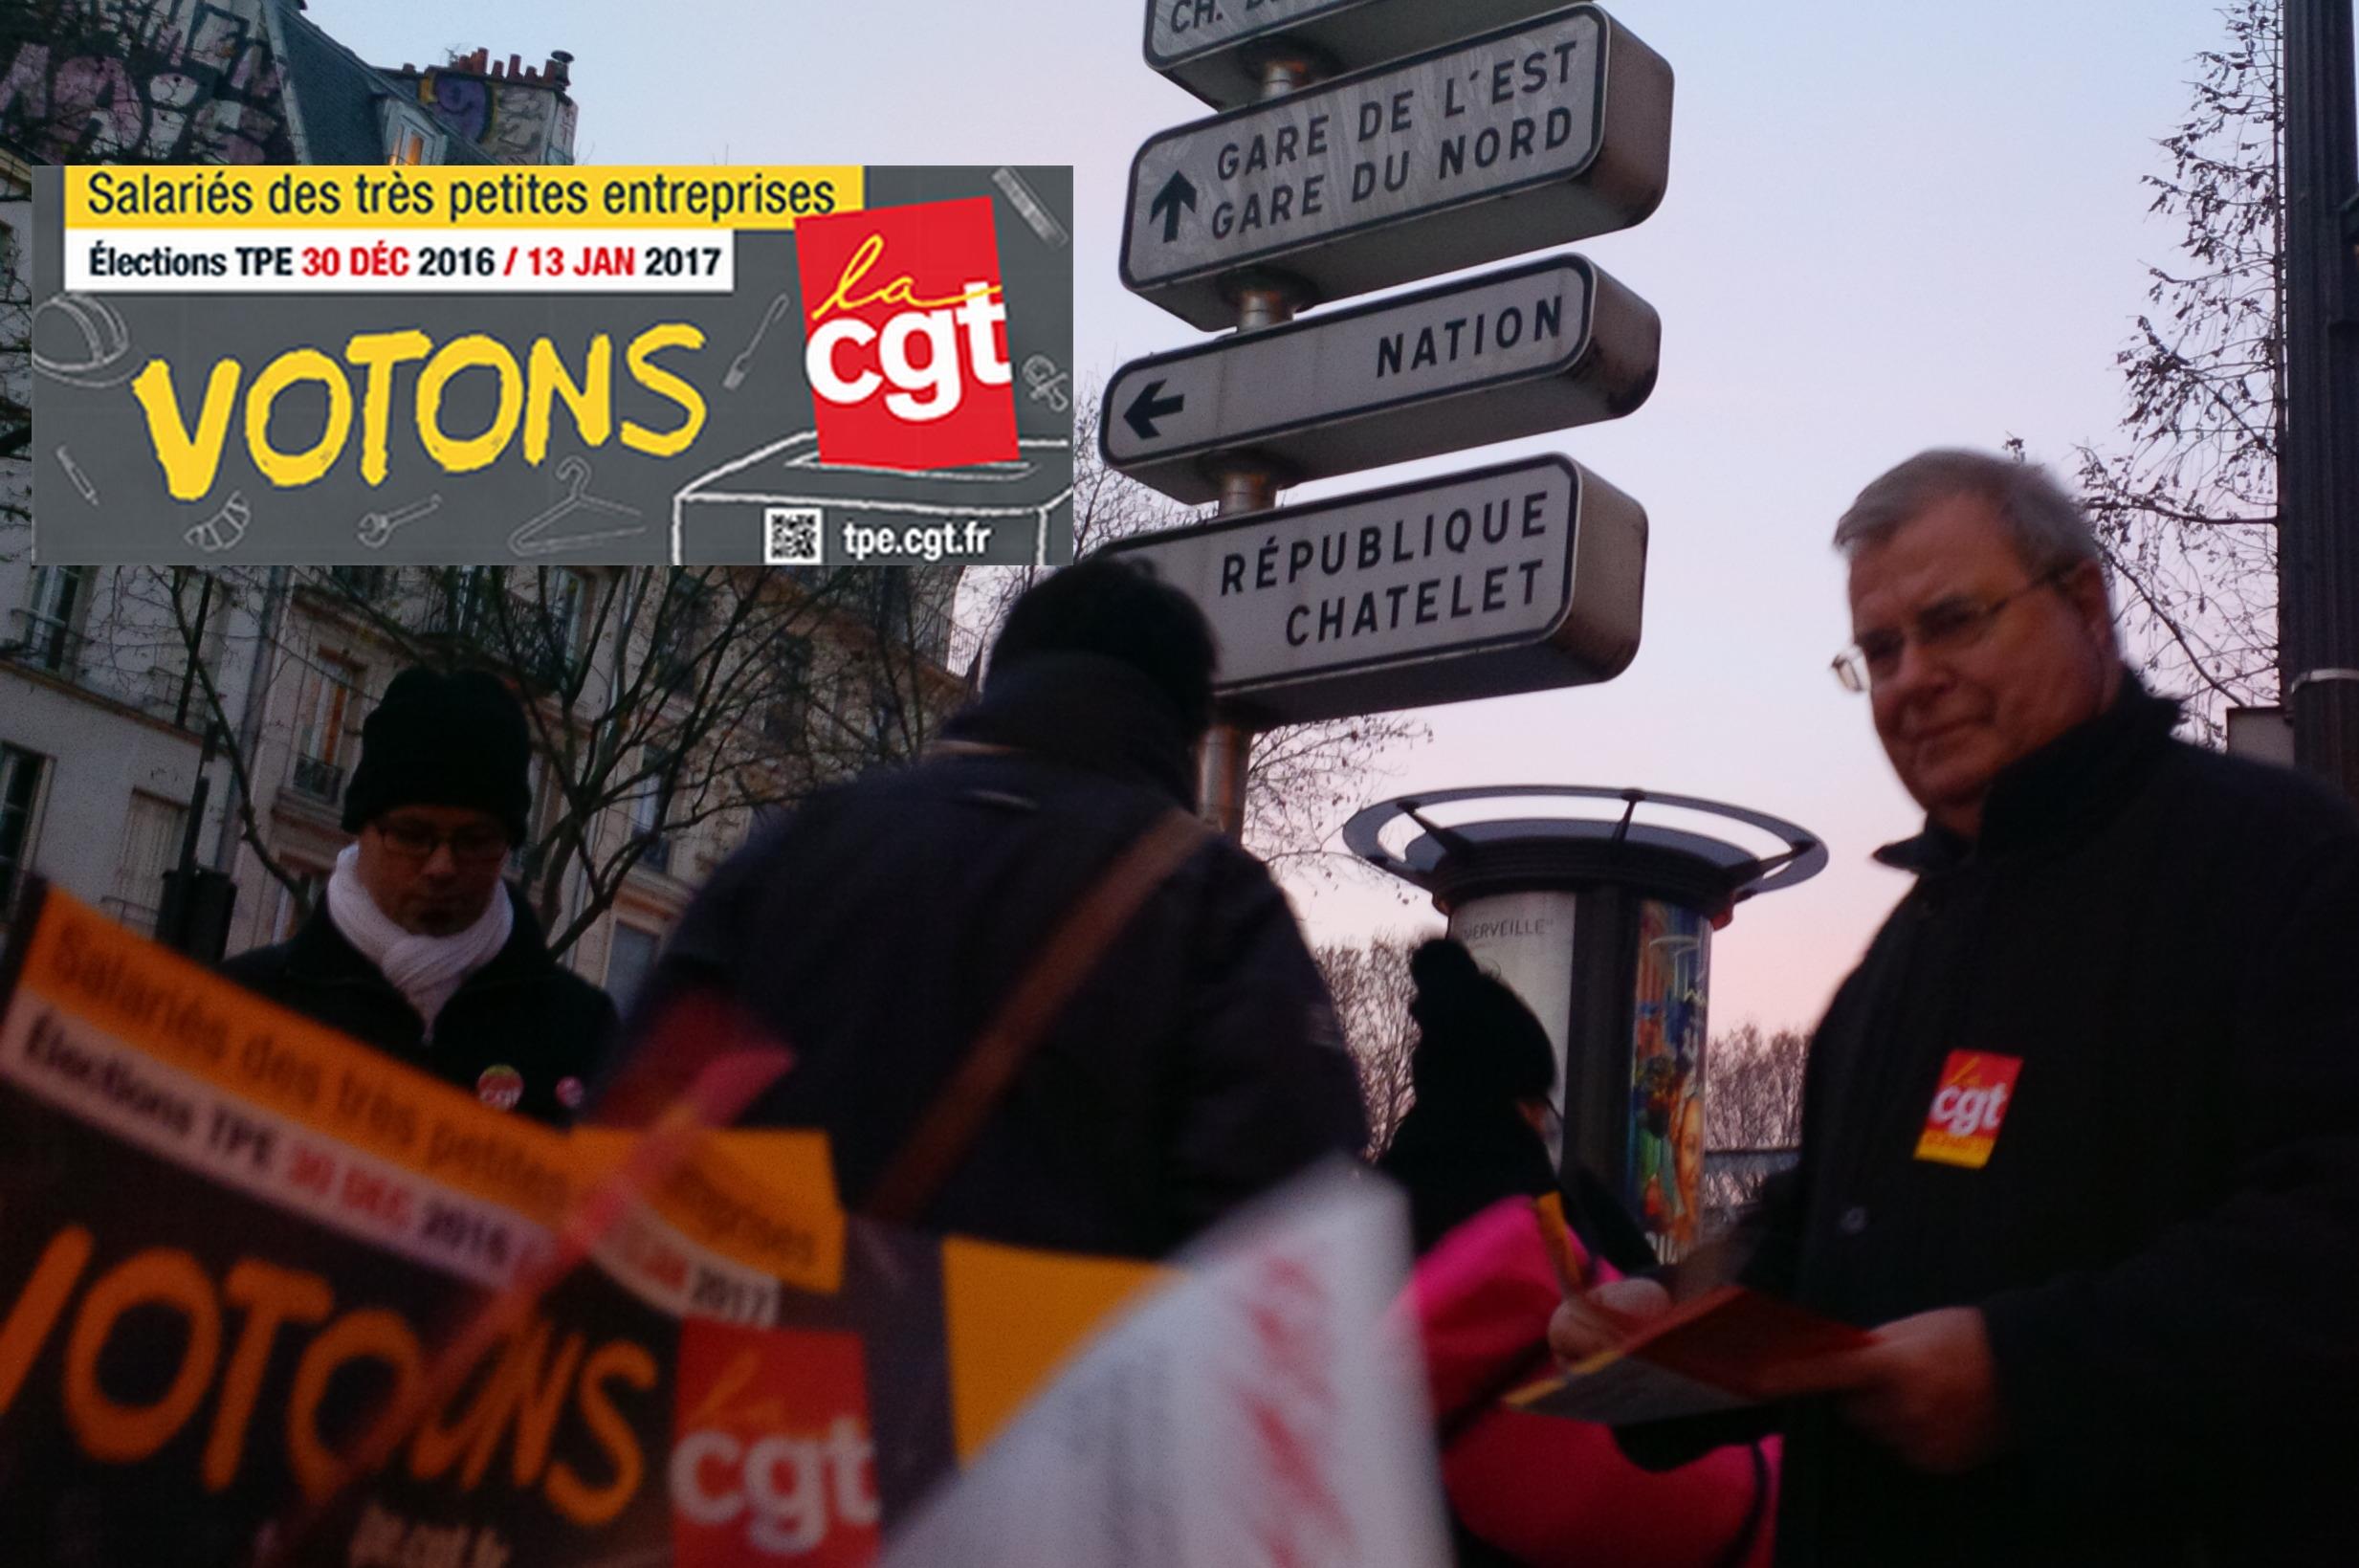 UL CGT PARIS 19 LE 9 DÉCEMBRE 2016 DIFFUSION DE TRACTS AVENUE JEAN JAURÈS POUR LA CAMPAGNE TPE 2016